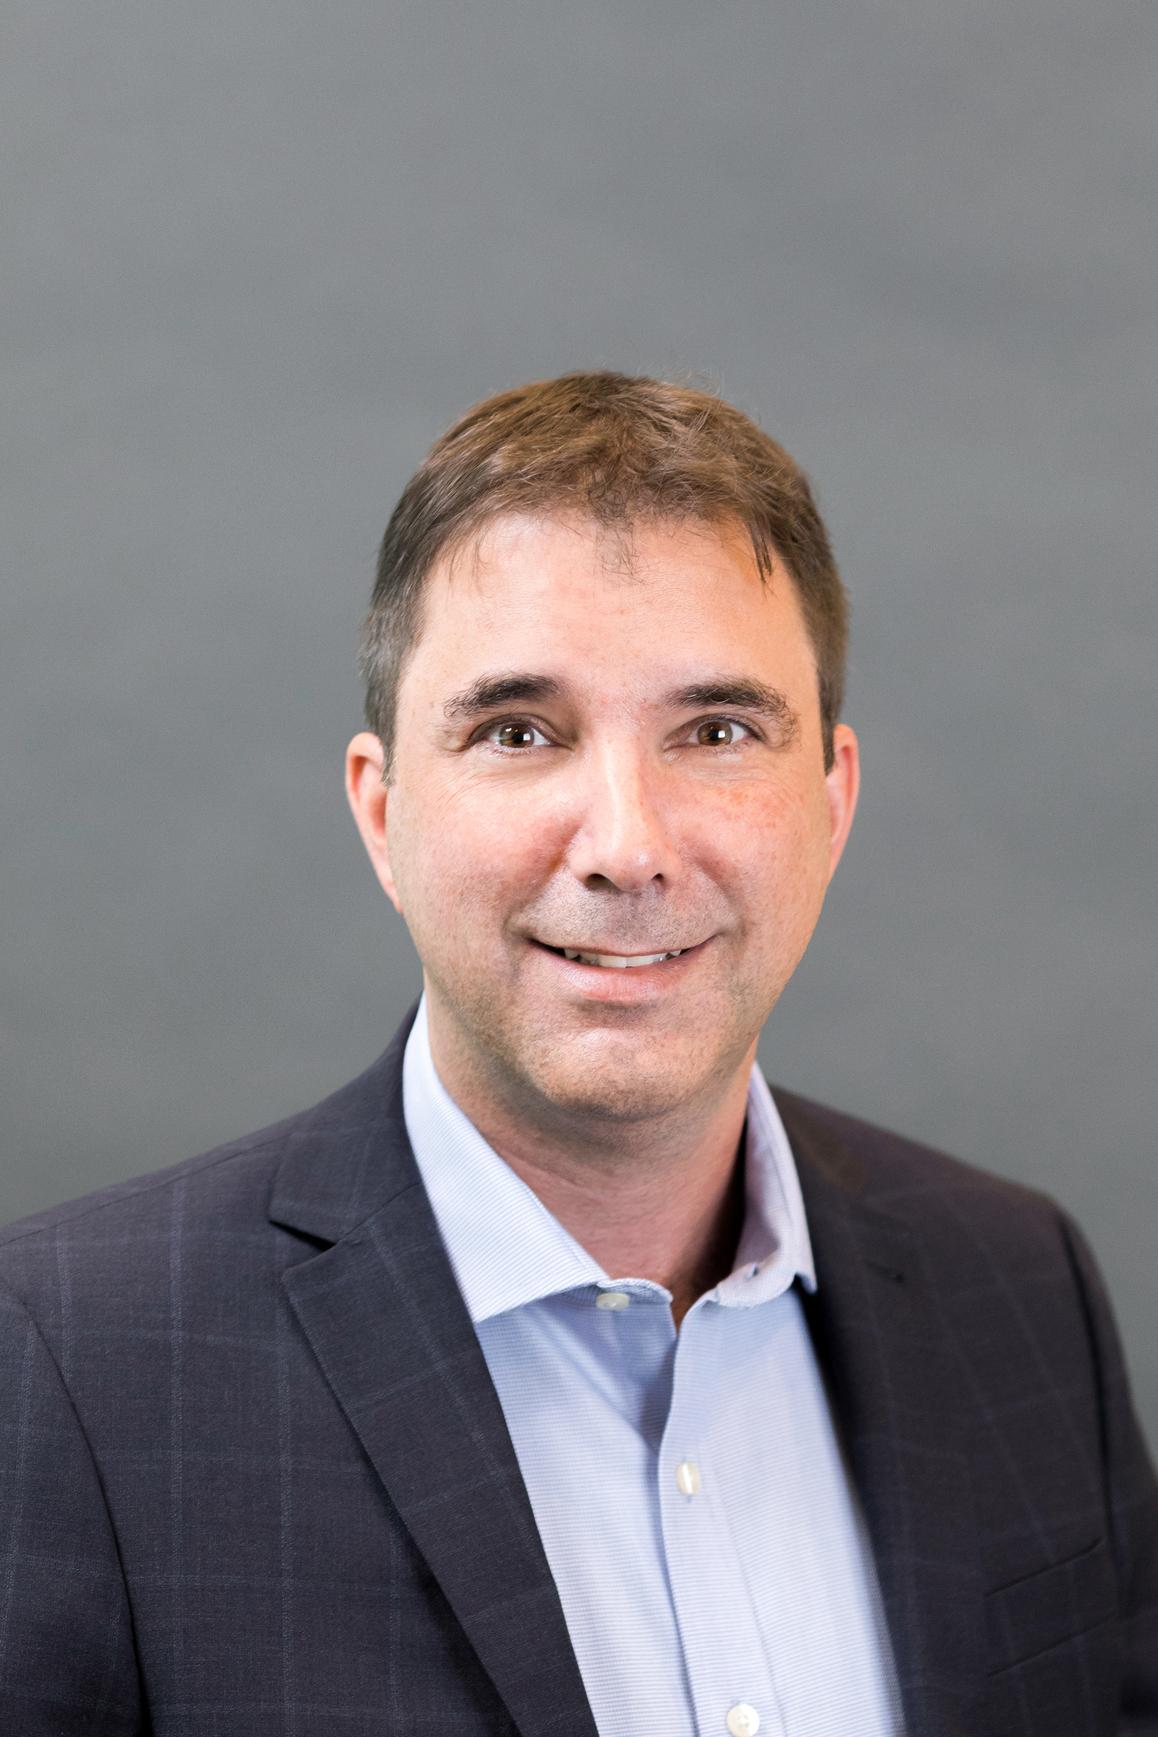 Jeff Ambrose